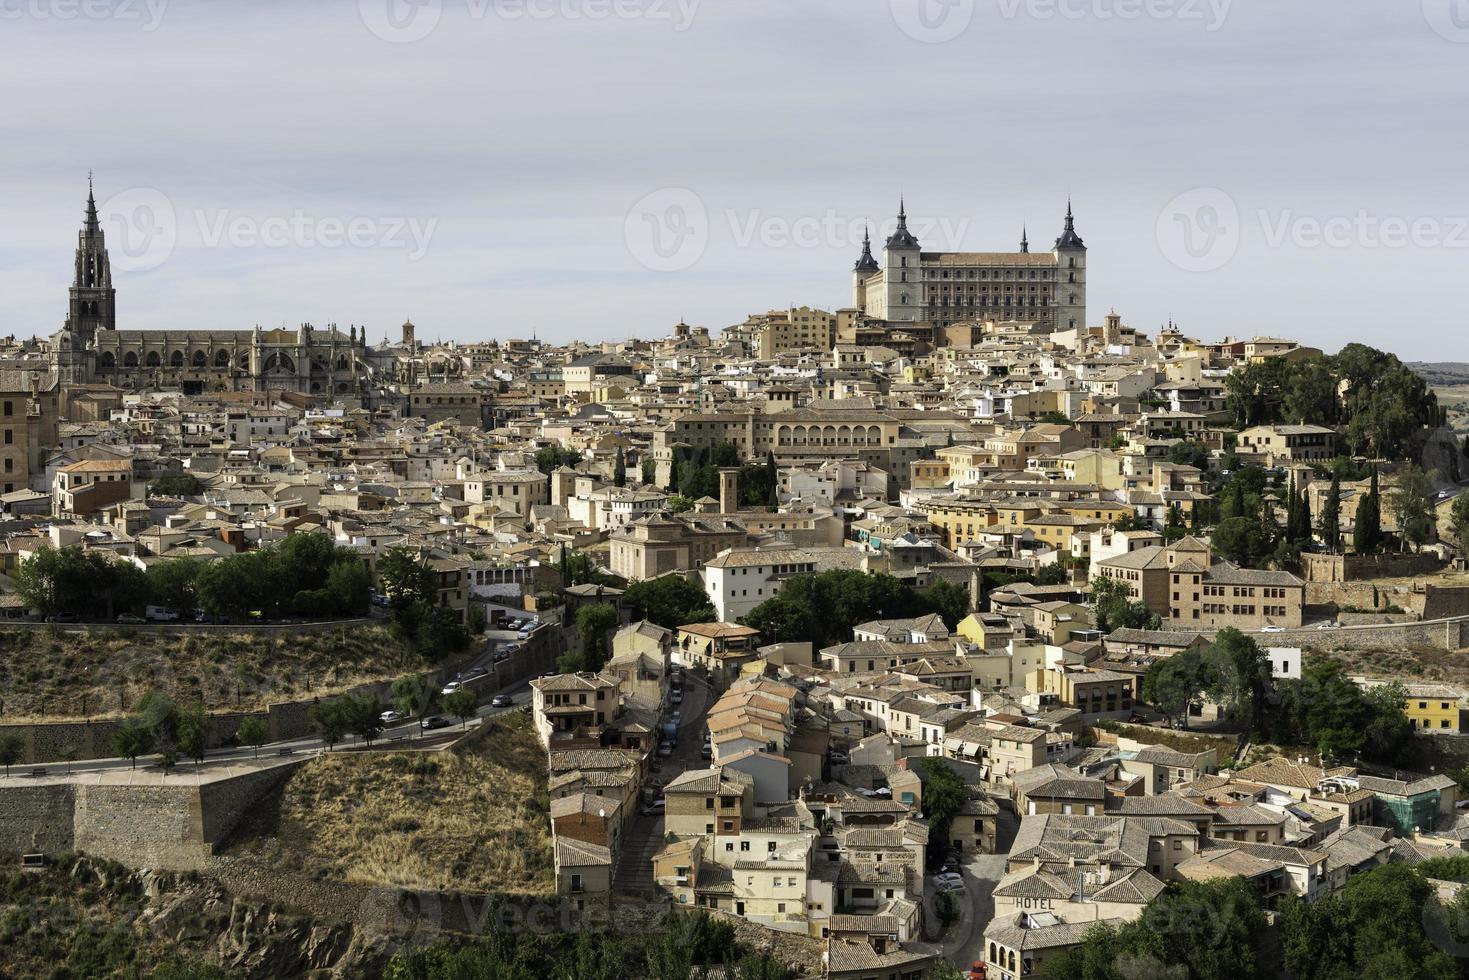 Alcazar, cathédrale et paysage urbain de Tolède, Espagne photo